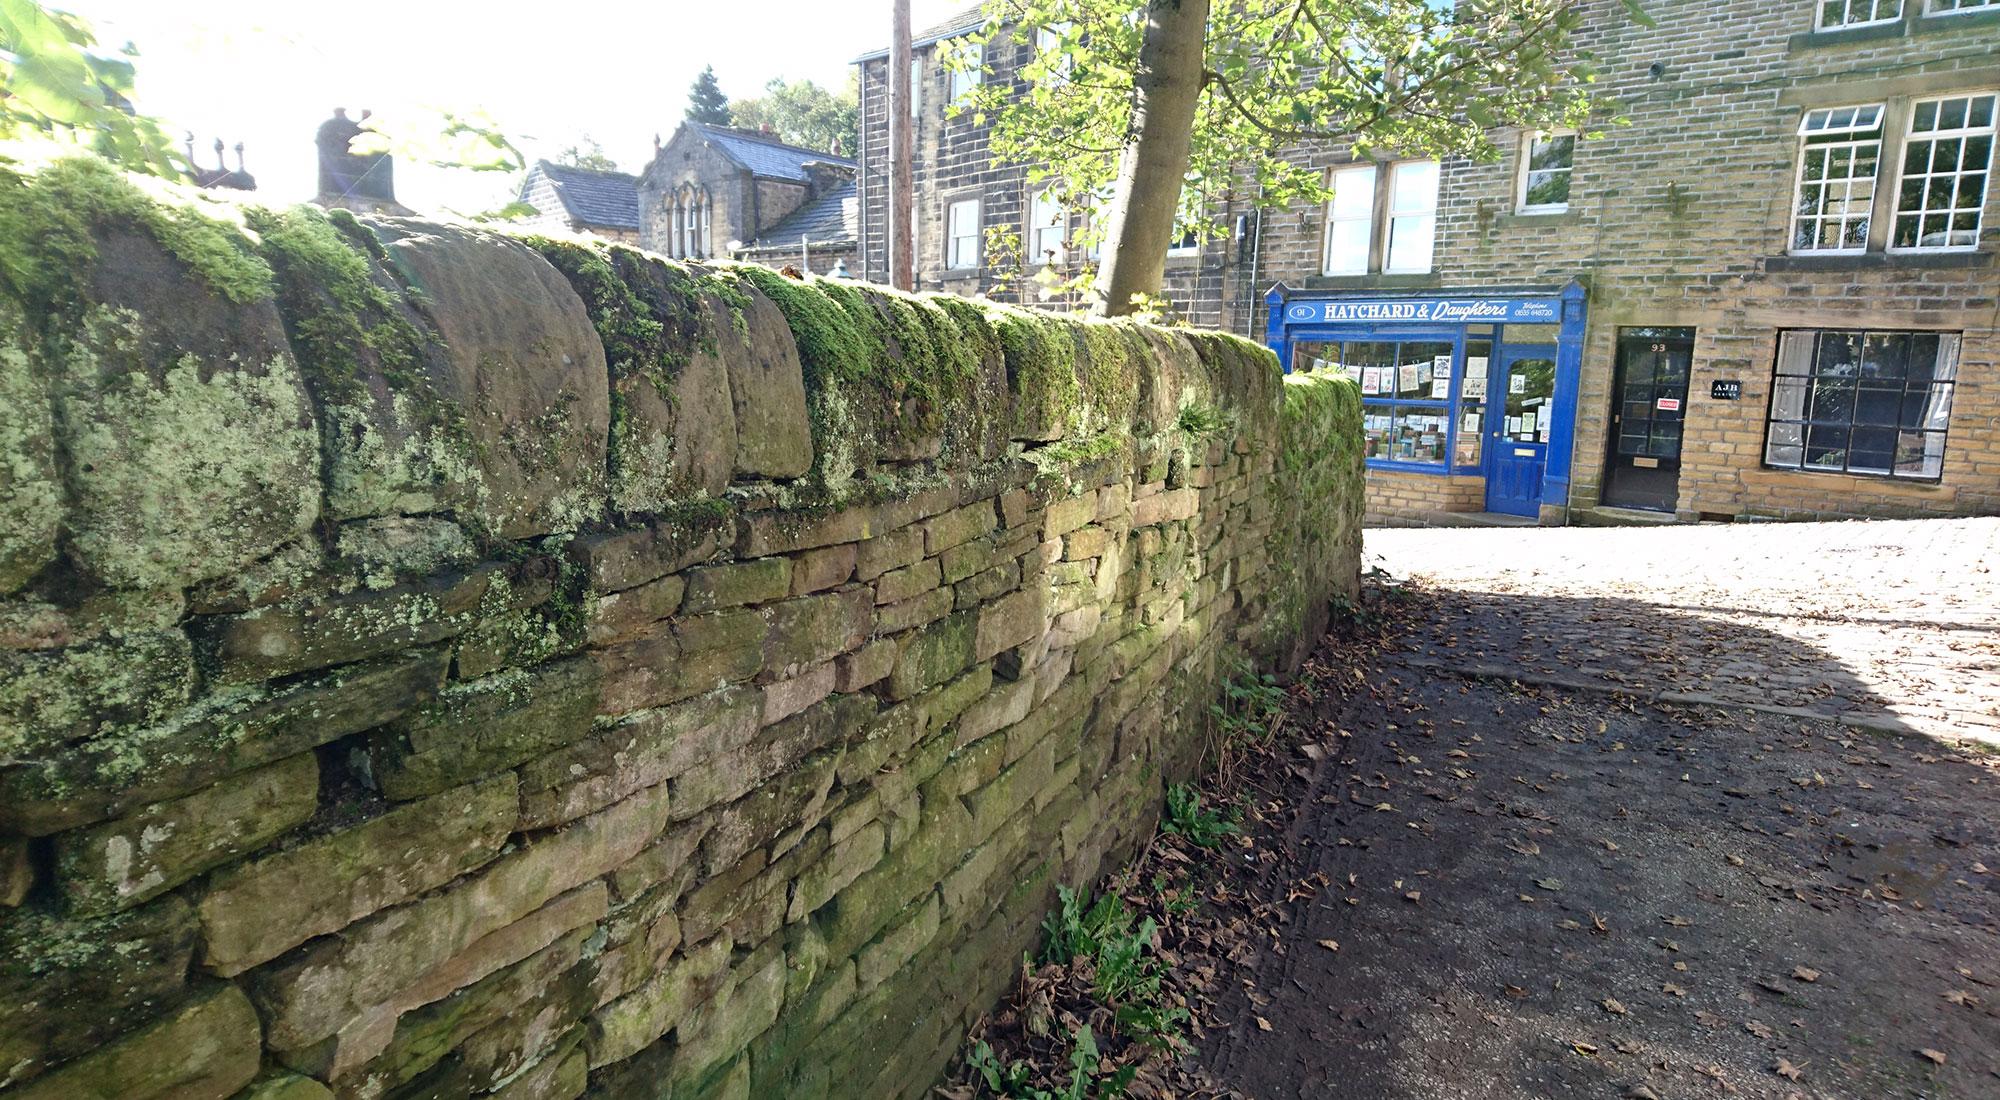 イギリスのコッツウォルズ地方で見かけたドライ・ストーン・ウォーリングの石積み